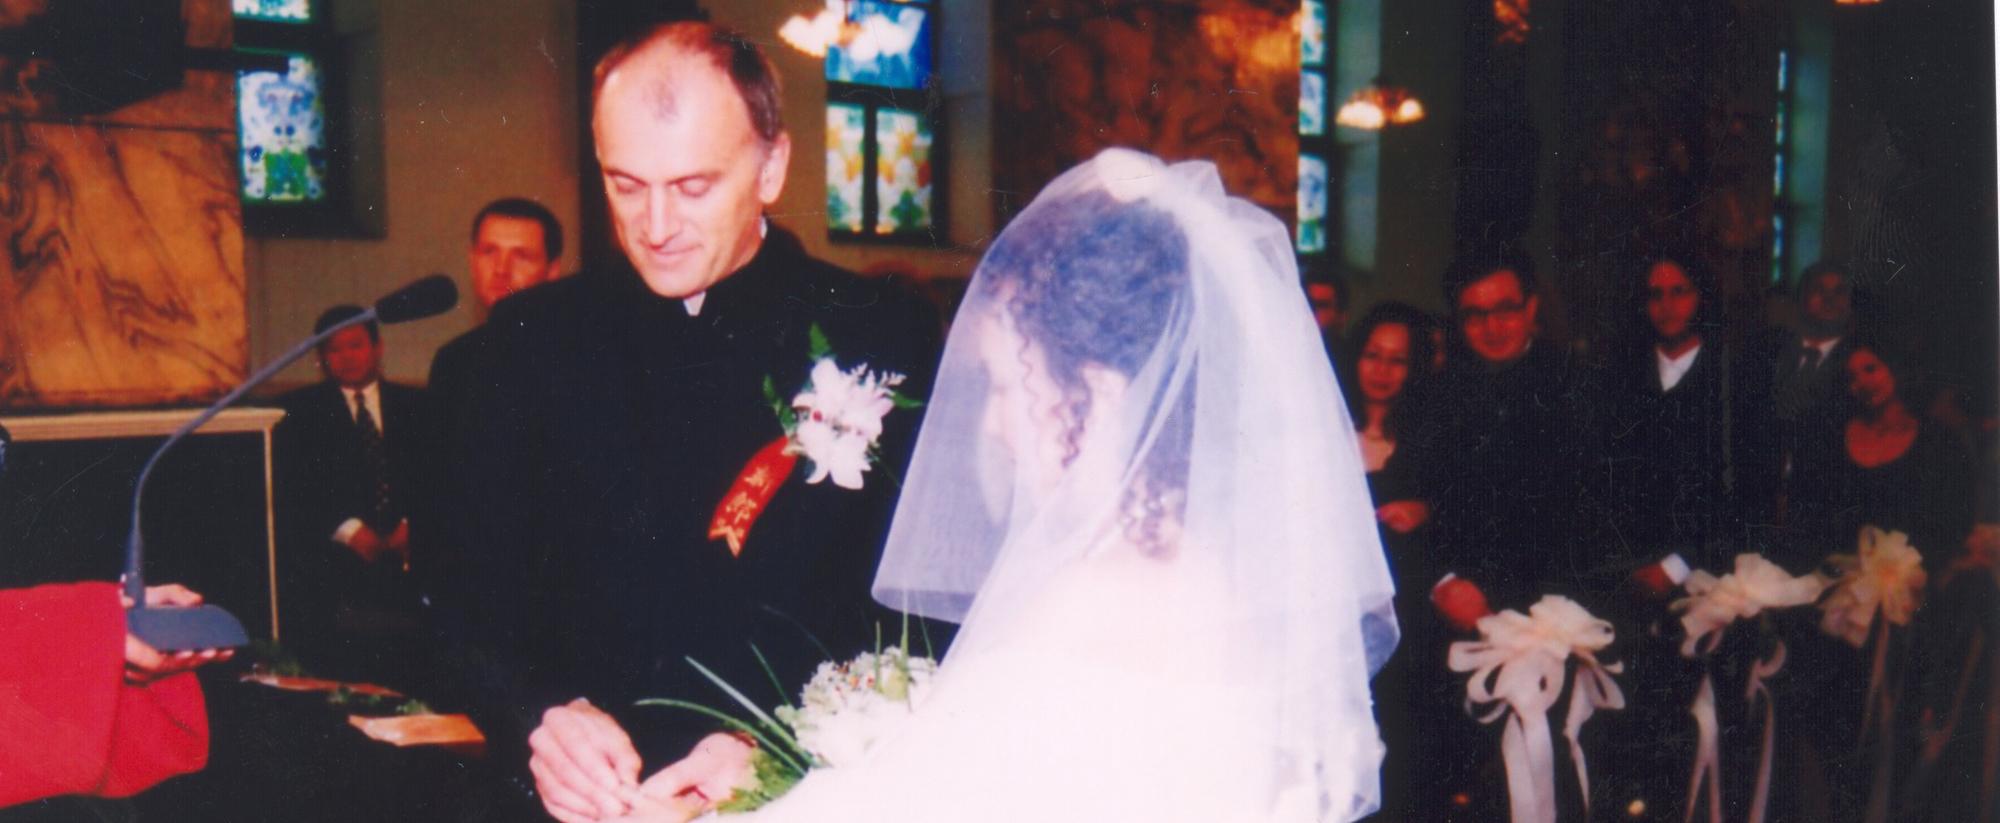 北京南堂教友举行婚配礼